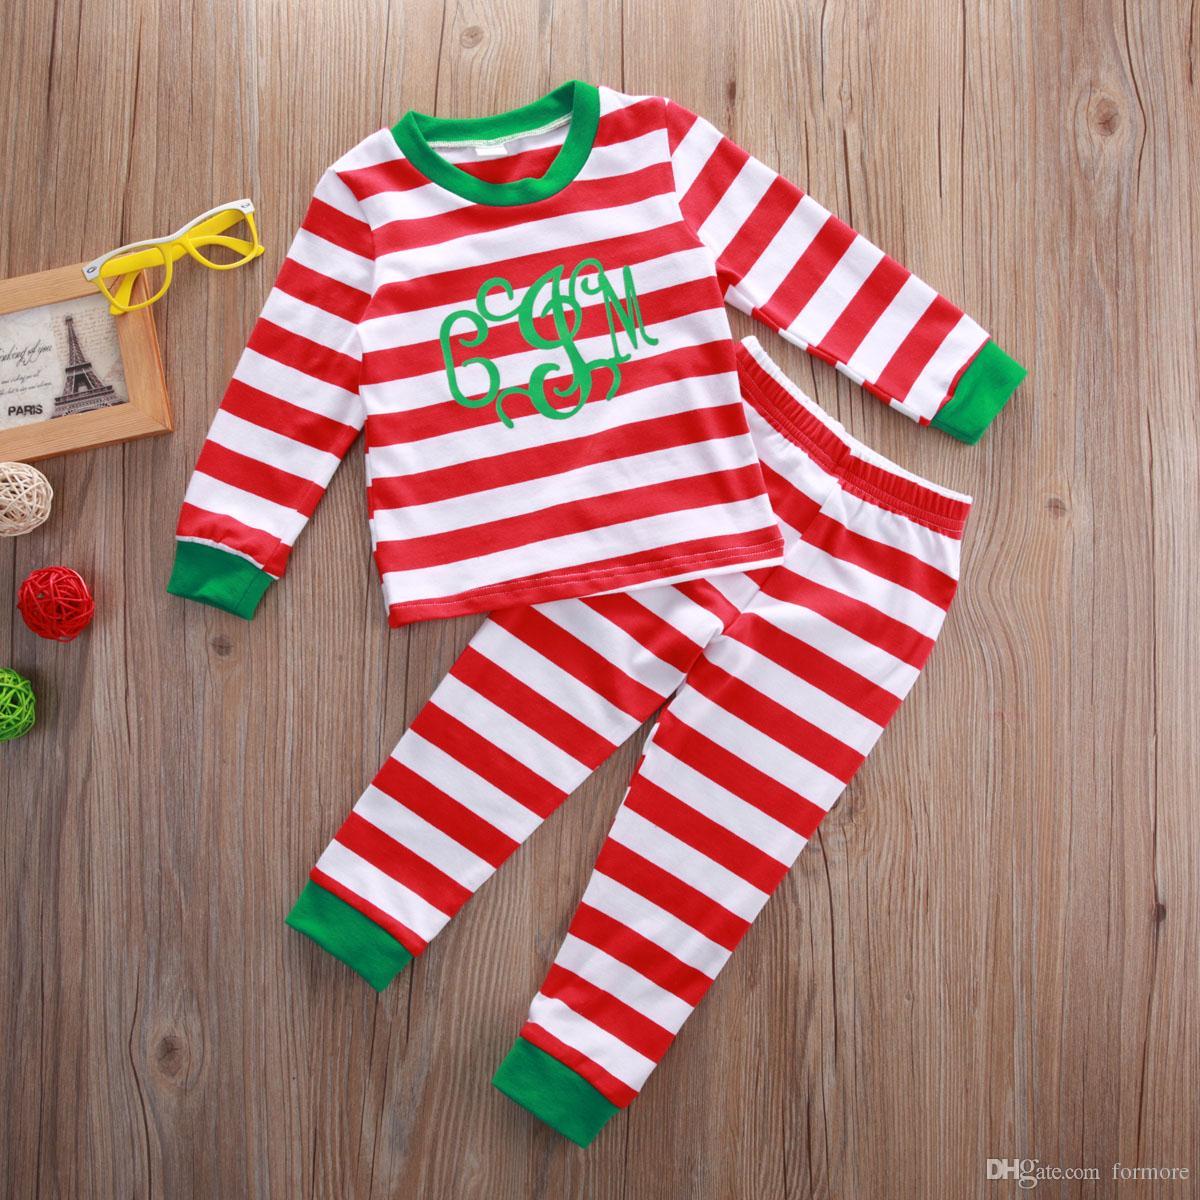 Bébé Fille Garçons Boutique De Noël Vêtements Ensemble Rouge Vêtements Costume Toddler Rayé Automne Enfants De Noël Pyjamas Coton À Manches Longues Tenue